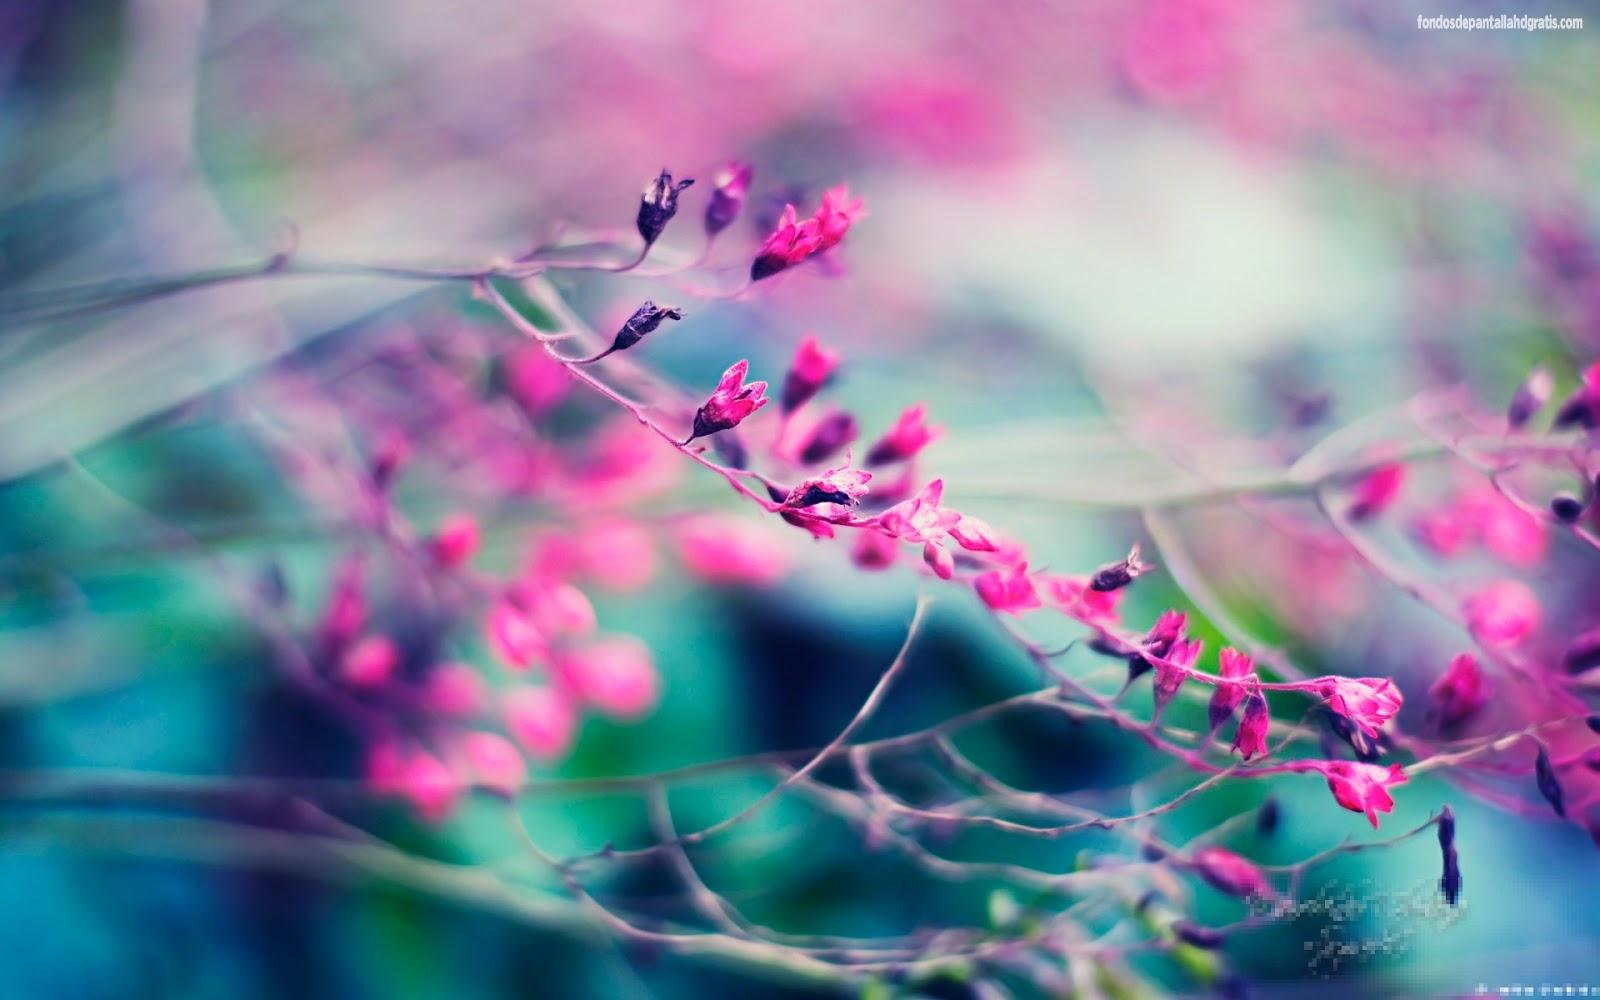 fondo-de-pantalla-de-flores-morada